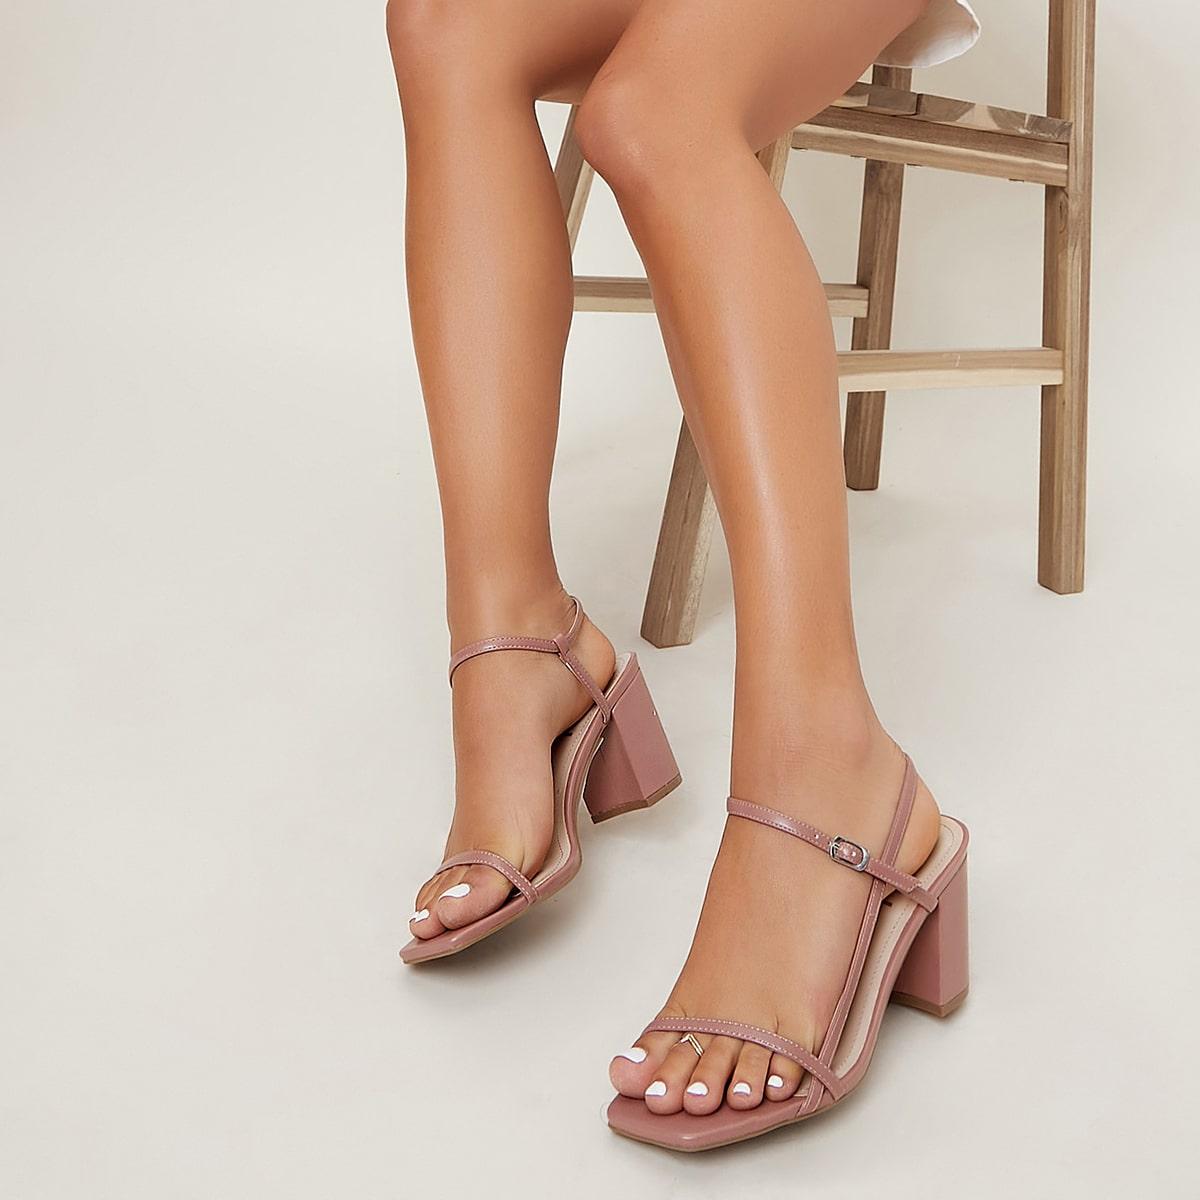 Кожаные туфли на каблуке с открытым носком от SHEIN